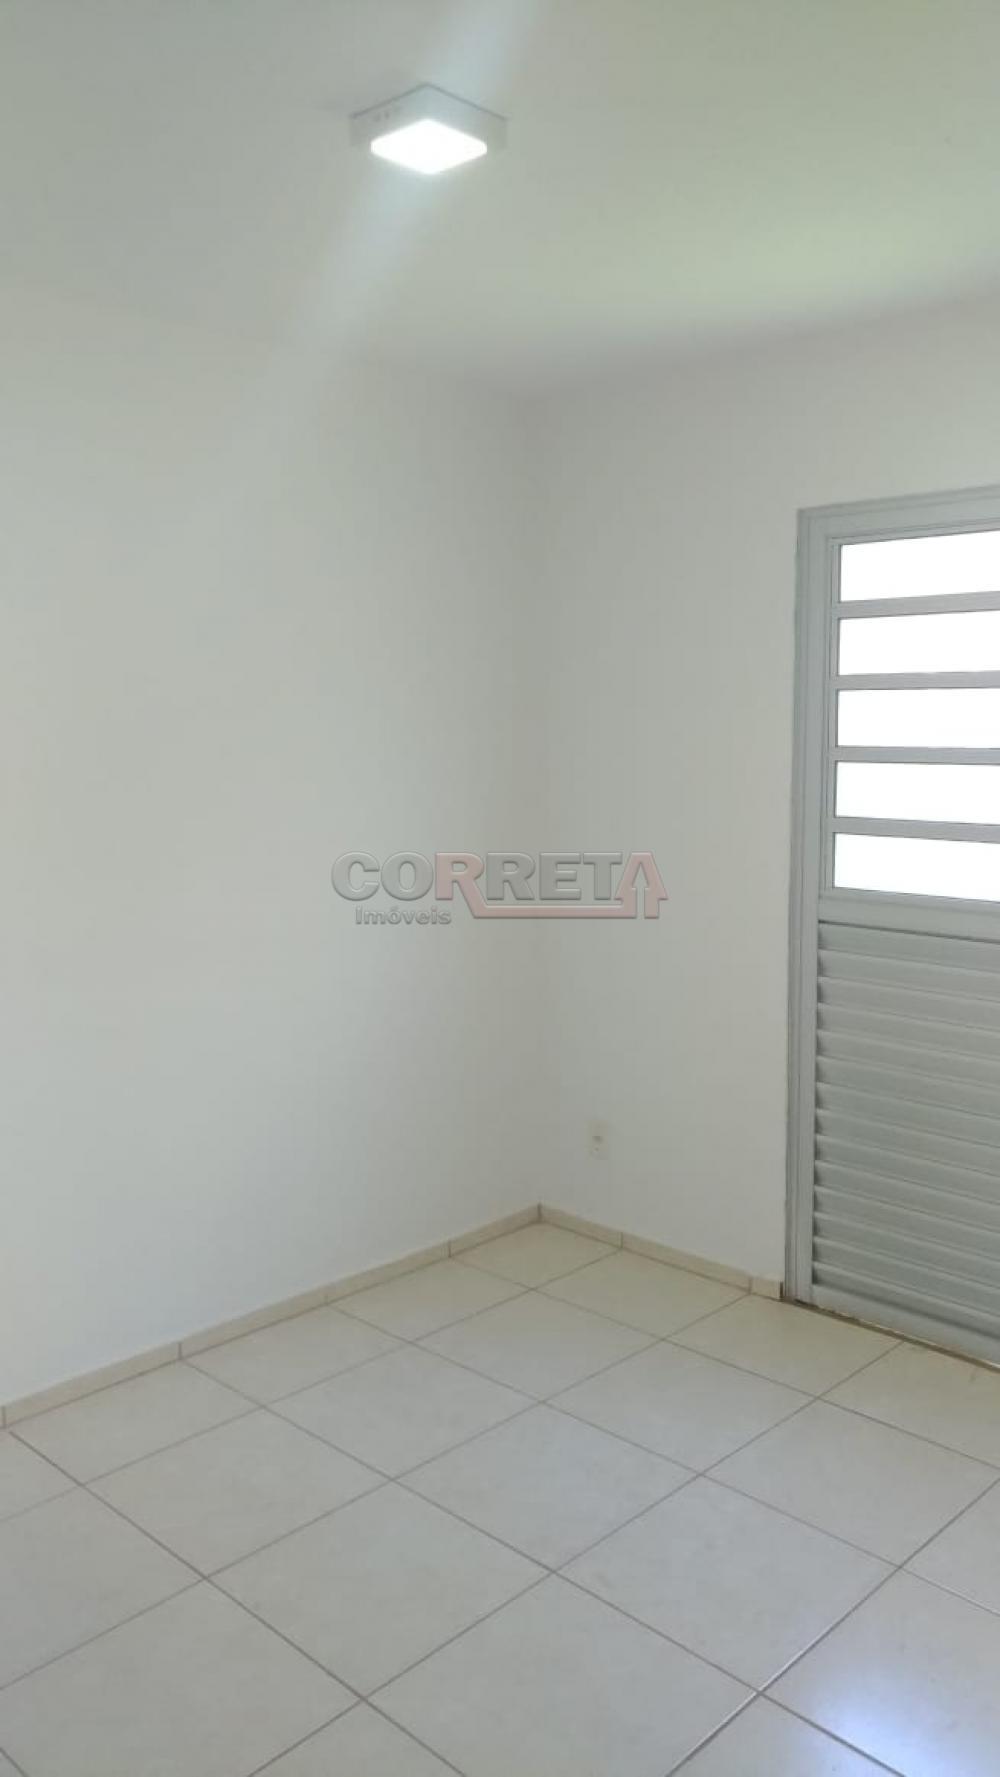 Alugar Apartamento / Padrão em Araçatuba R$ 550,00 - Foto 6